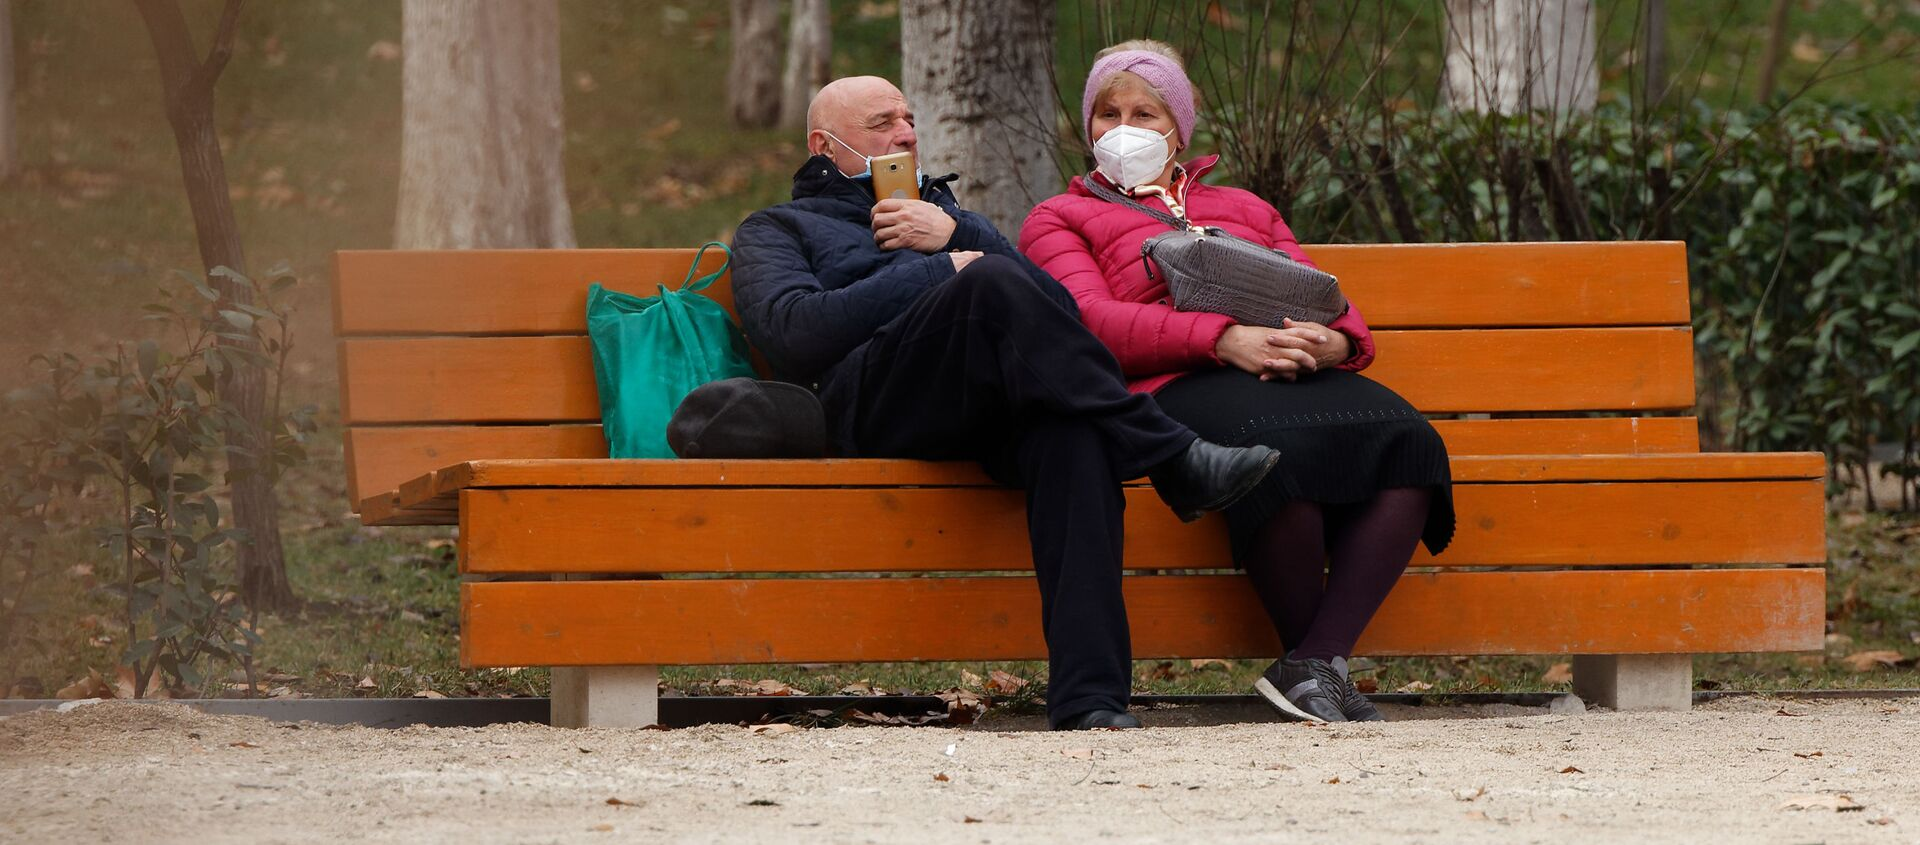 Эпидемия коронавируса - пожилая пара в парке в масках - Sputnik Грузия, 1920, 12.02.2021